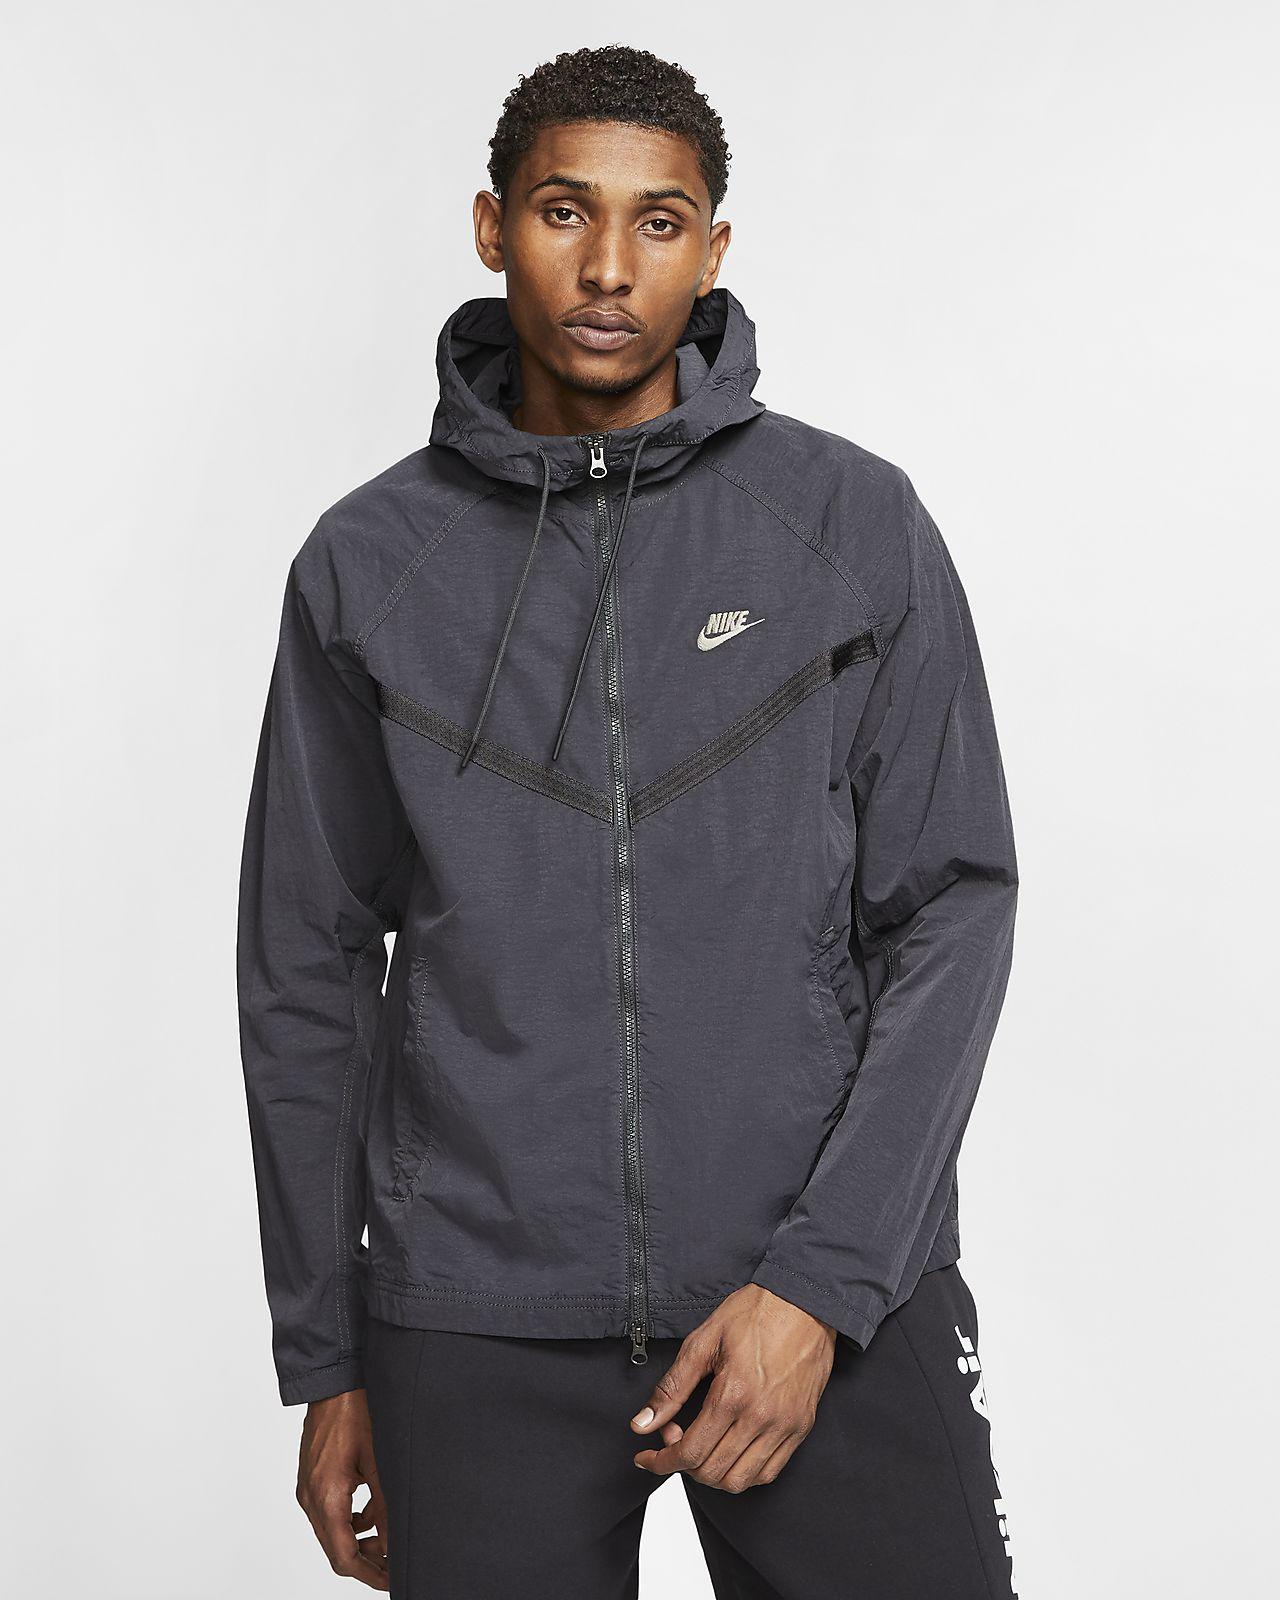 Nike Sportswear Windrunner Men's Hooded Jacket